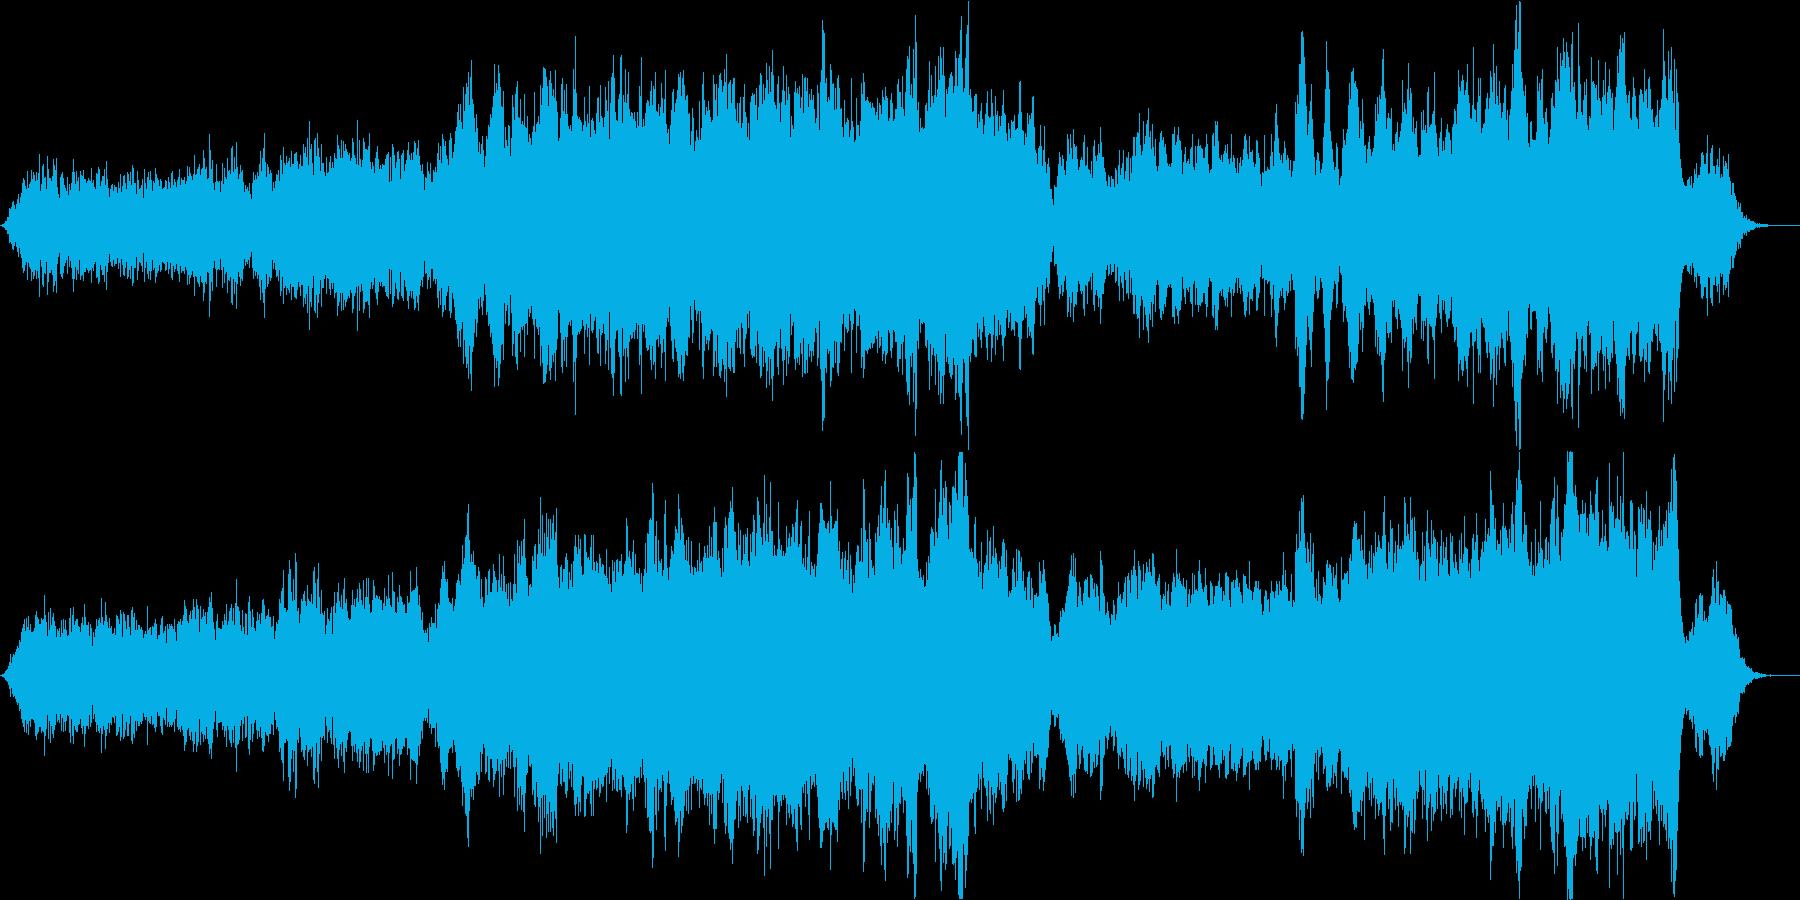 生演奏のバイオリンによるクラシカルな曲の再生済みの波形